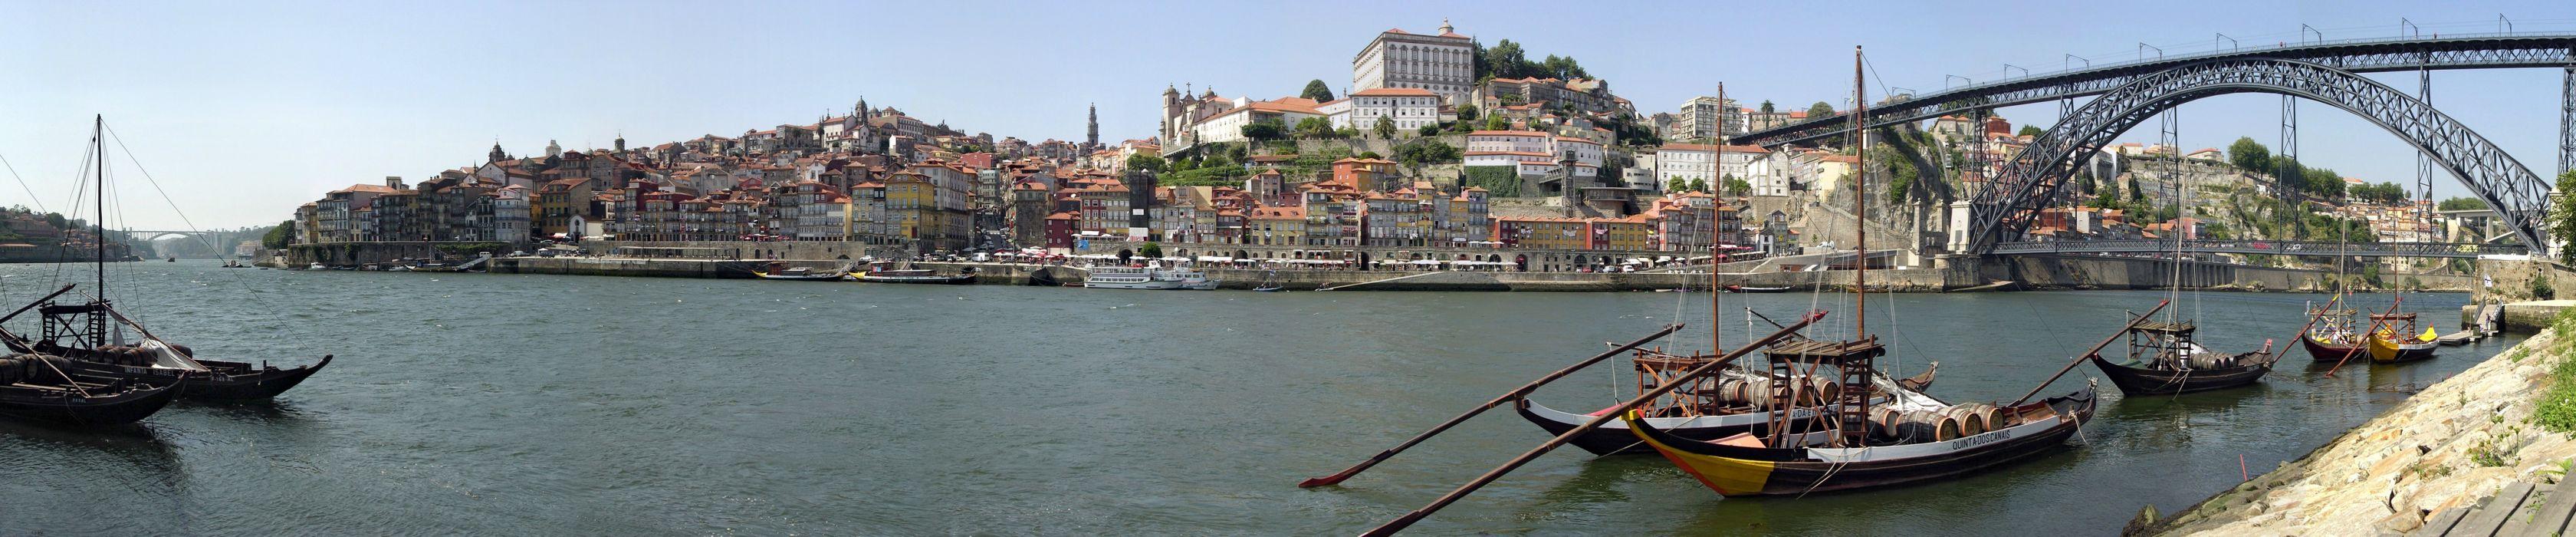 Porto Douro River Portugal boat ship     h wallpaper